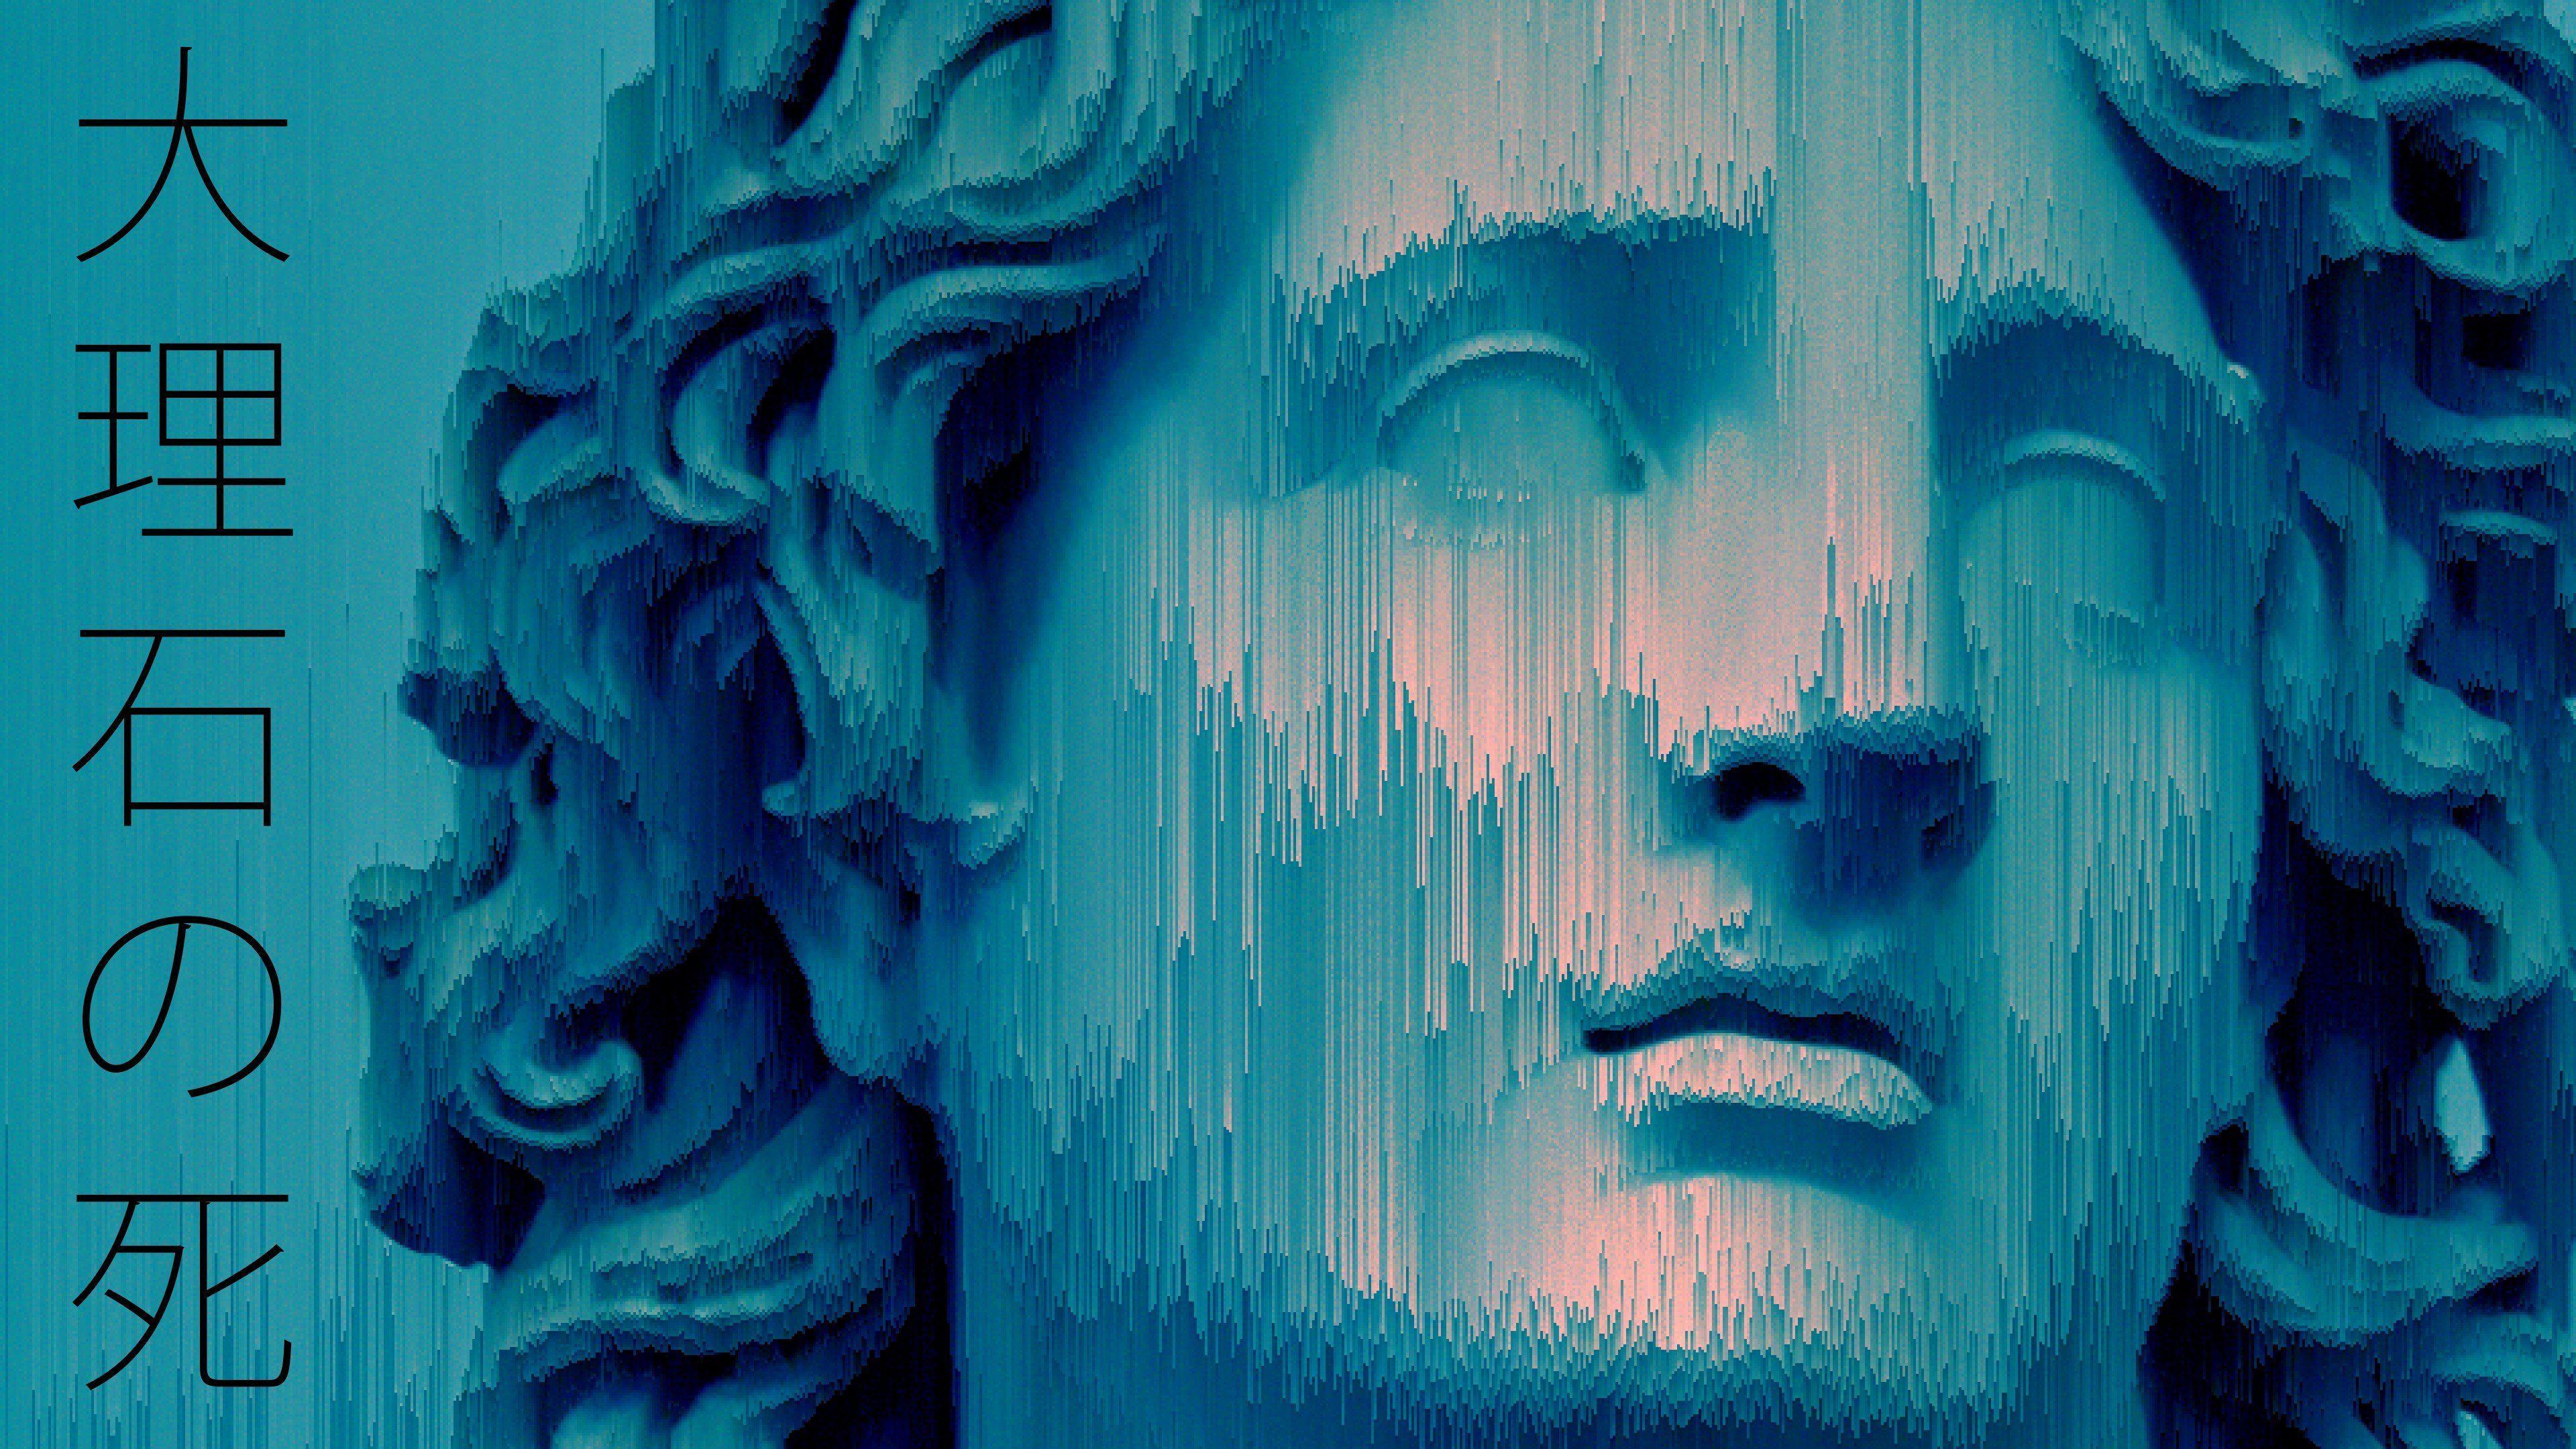 Blue Vaporwave Wallpapers - Top Free Blue Vaporwave ...